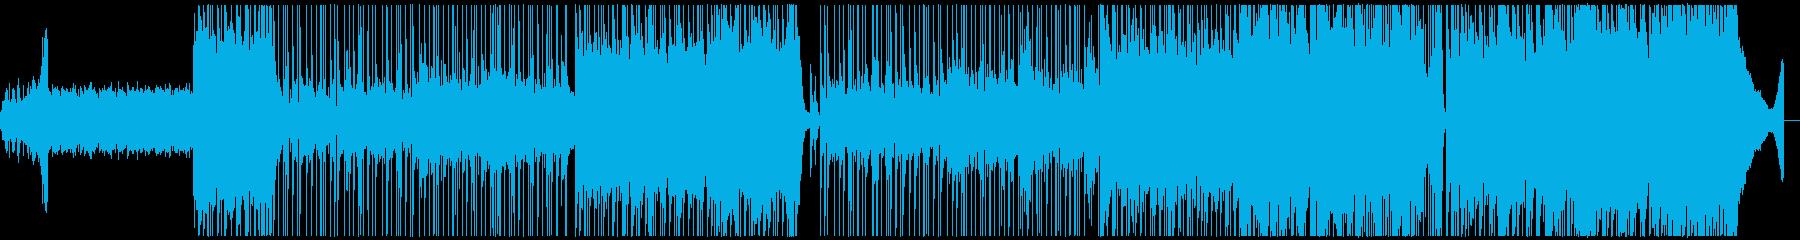 離れ離れになる心を切なく歌うバラードの再生済みの波形